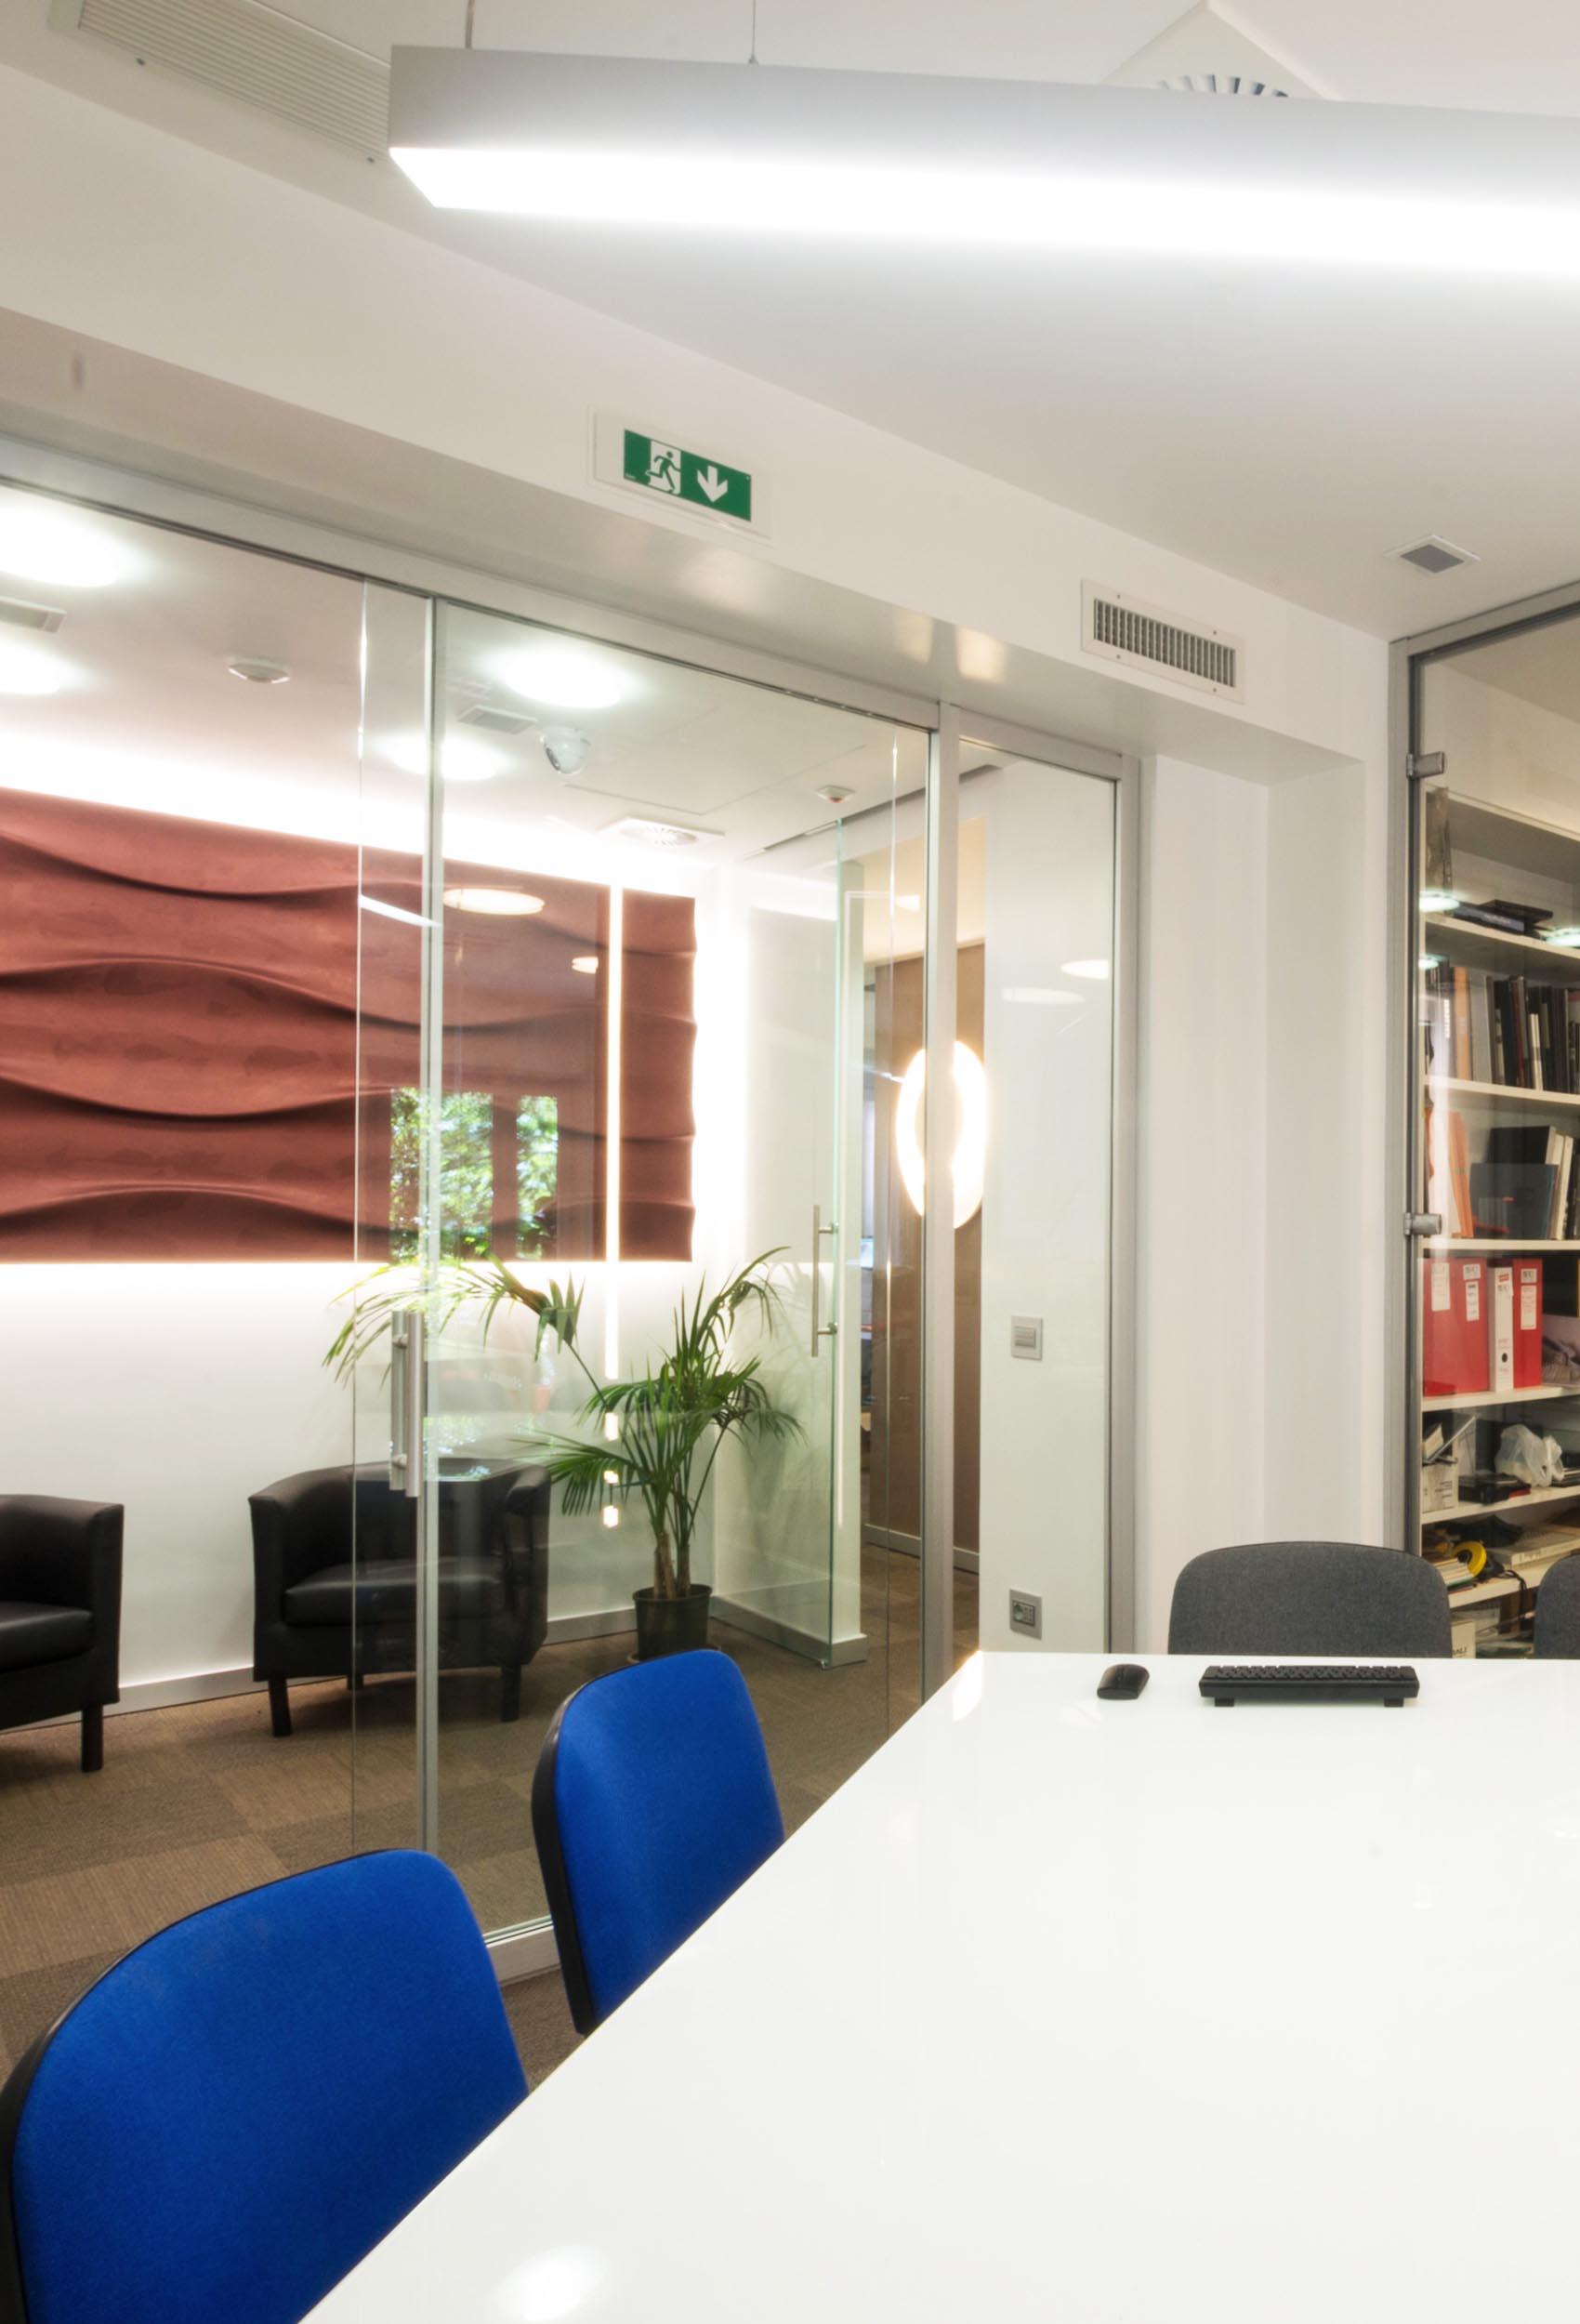 studio-architettura-fad-fabrizio-forniti-roma12